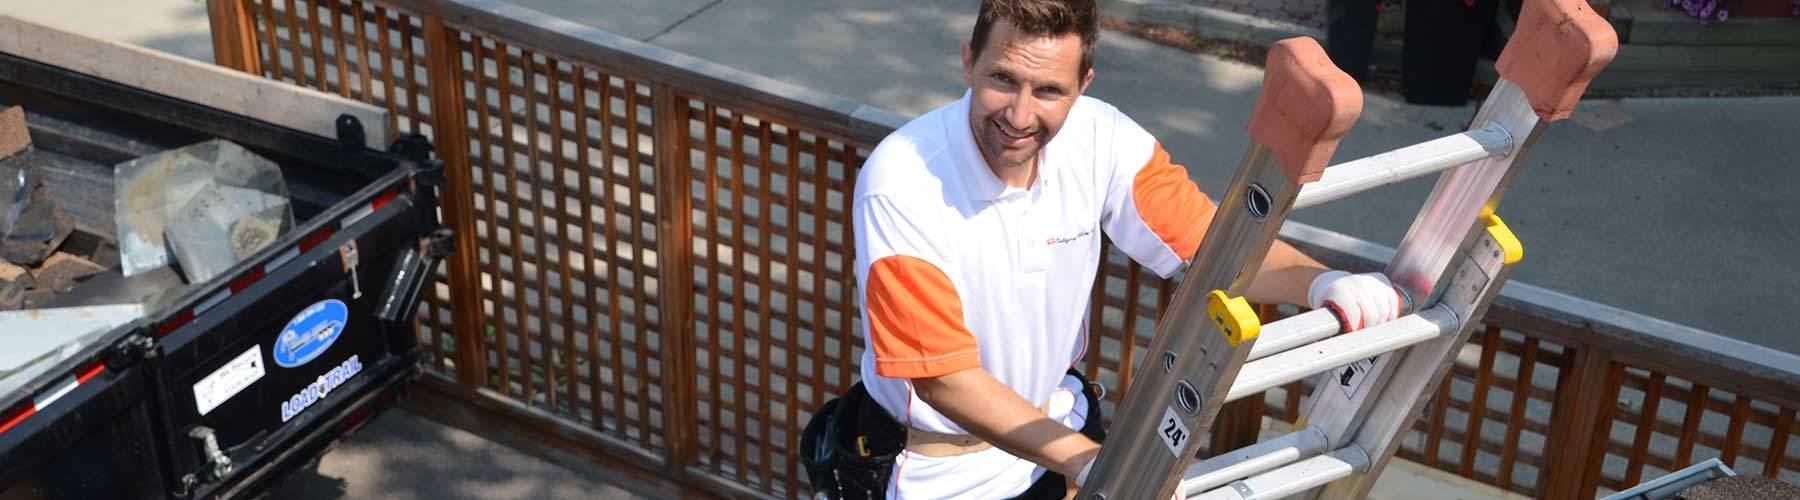 Calgary Elite Roofing Repair Service